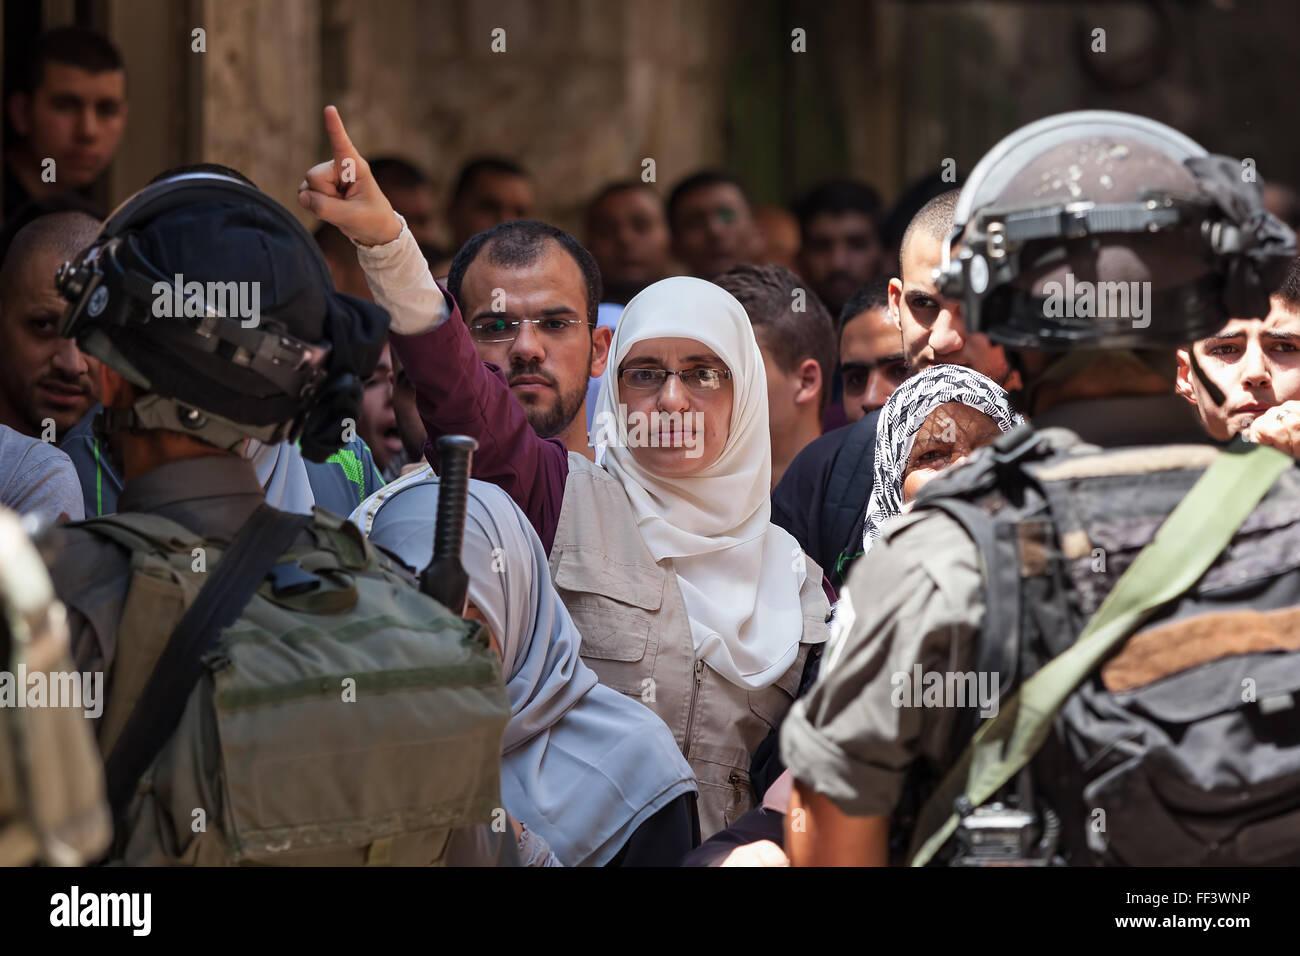 Protestation palestinienne dans la vieille ville de Jérusalem, Israël. Photo Stock